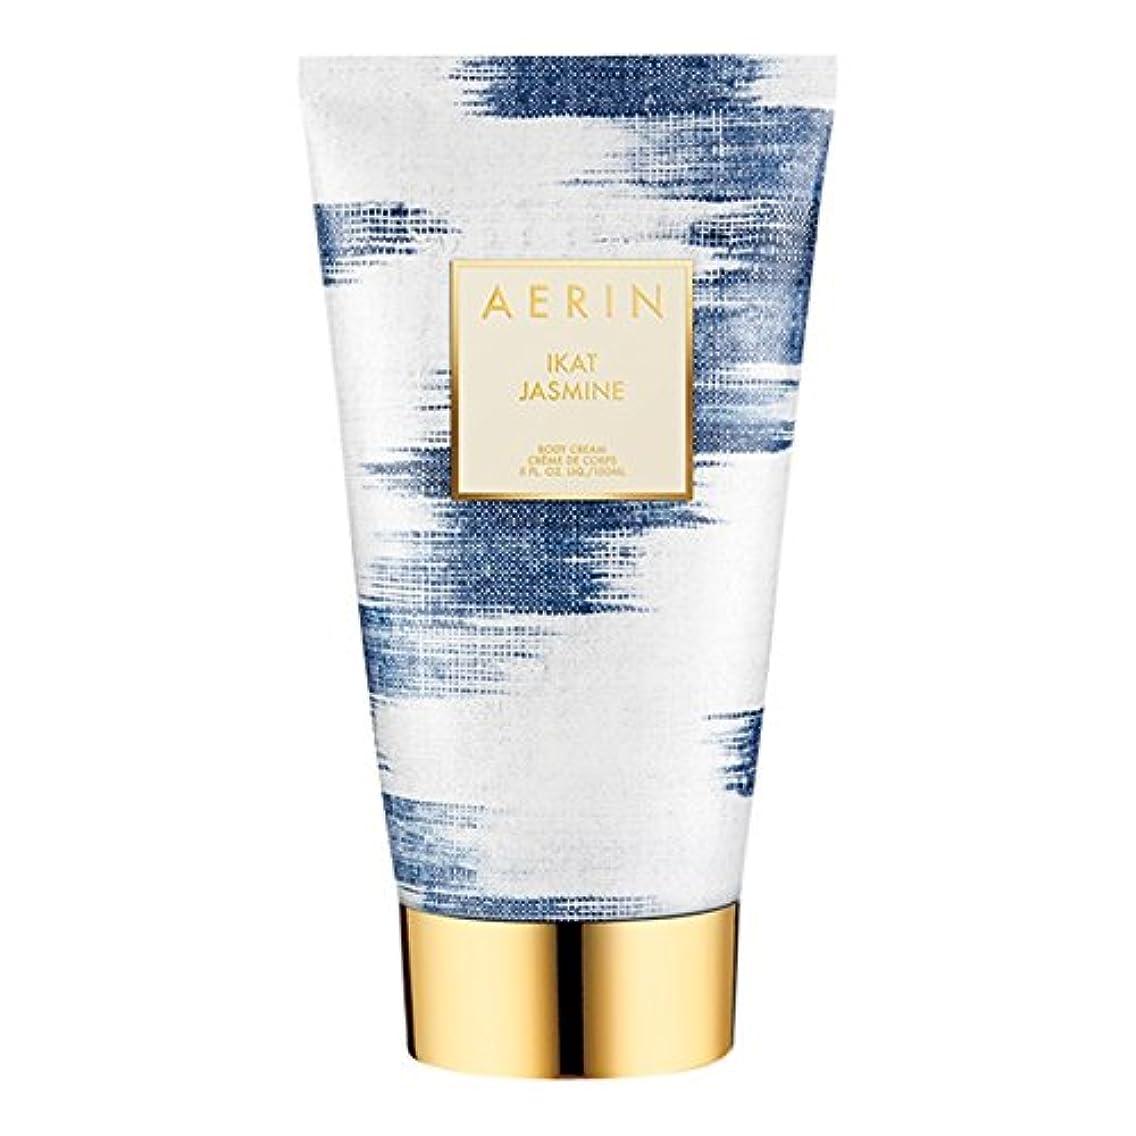 多様体小売甘味Aerinイカットジャスミンボディクリーム150ミリリットル (AERIN) (x2) - AERIN Ikat Jasmine Body Cream 150ml (Pack of 2) [並行輸入品]